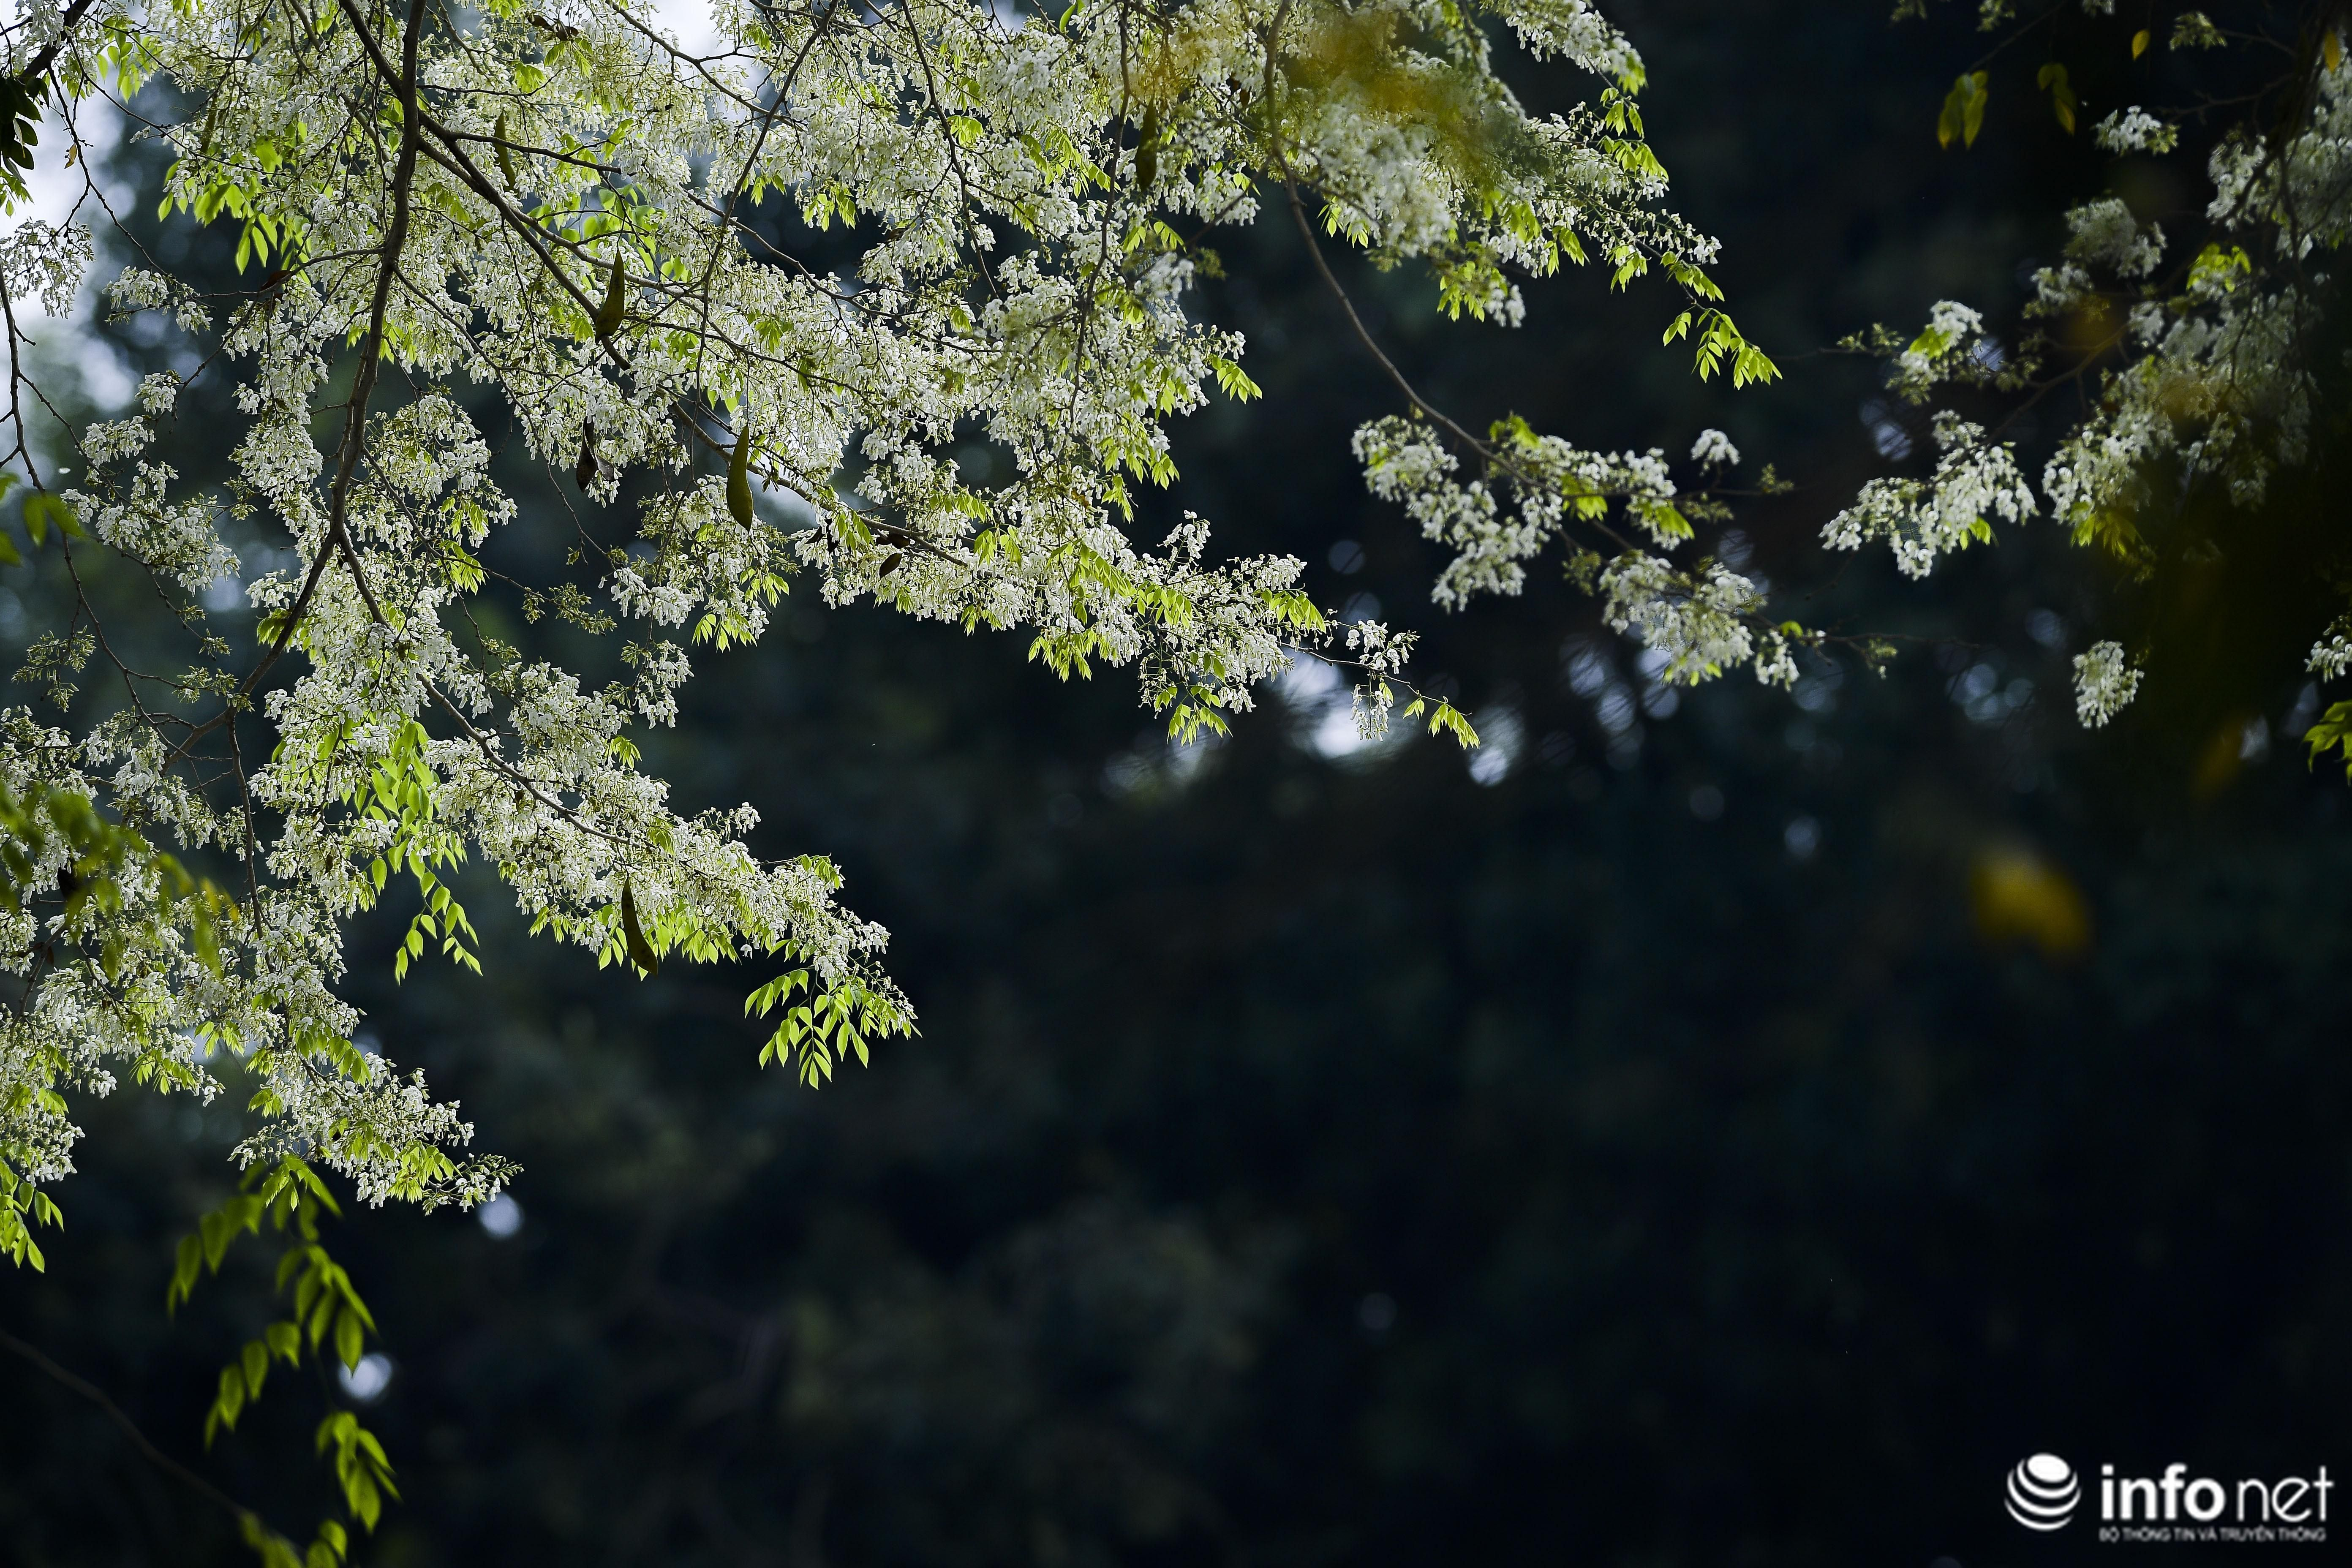 Ngắm hoa sưa nở trắng phố phường Hà Nội Ảnh 8